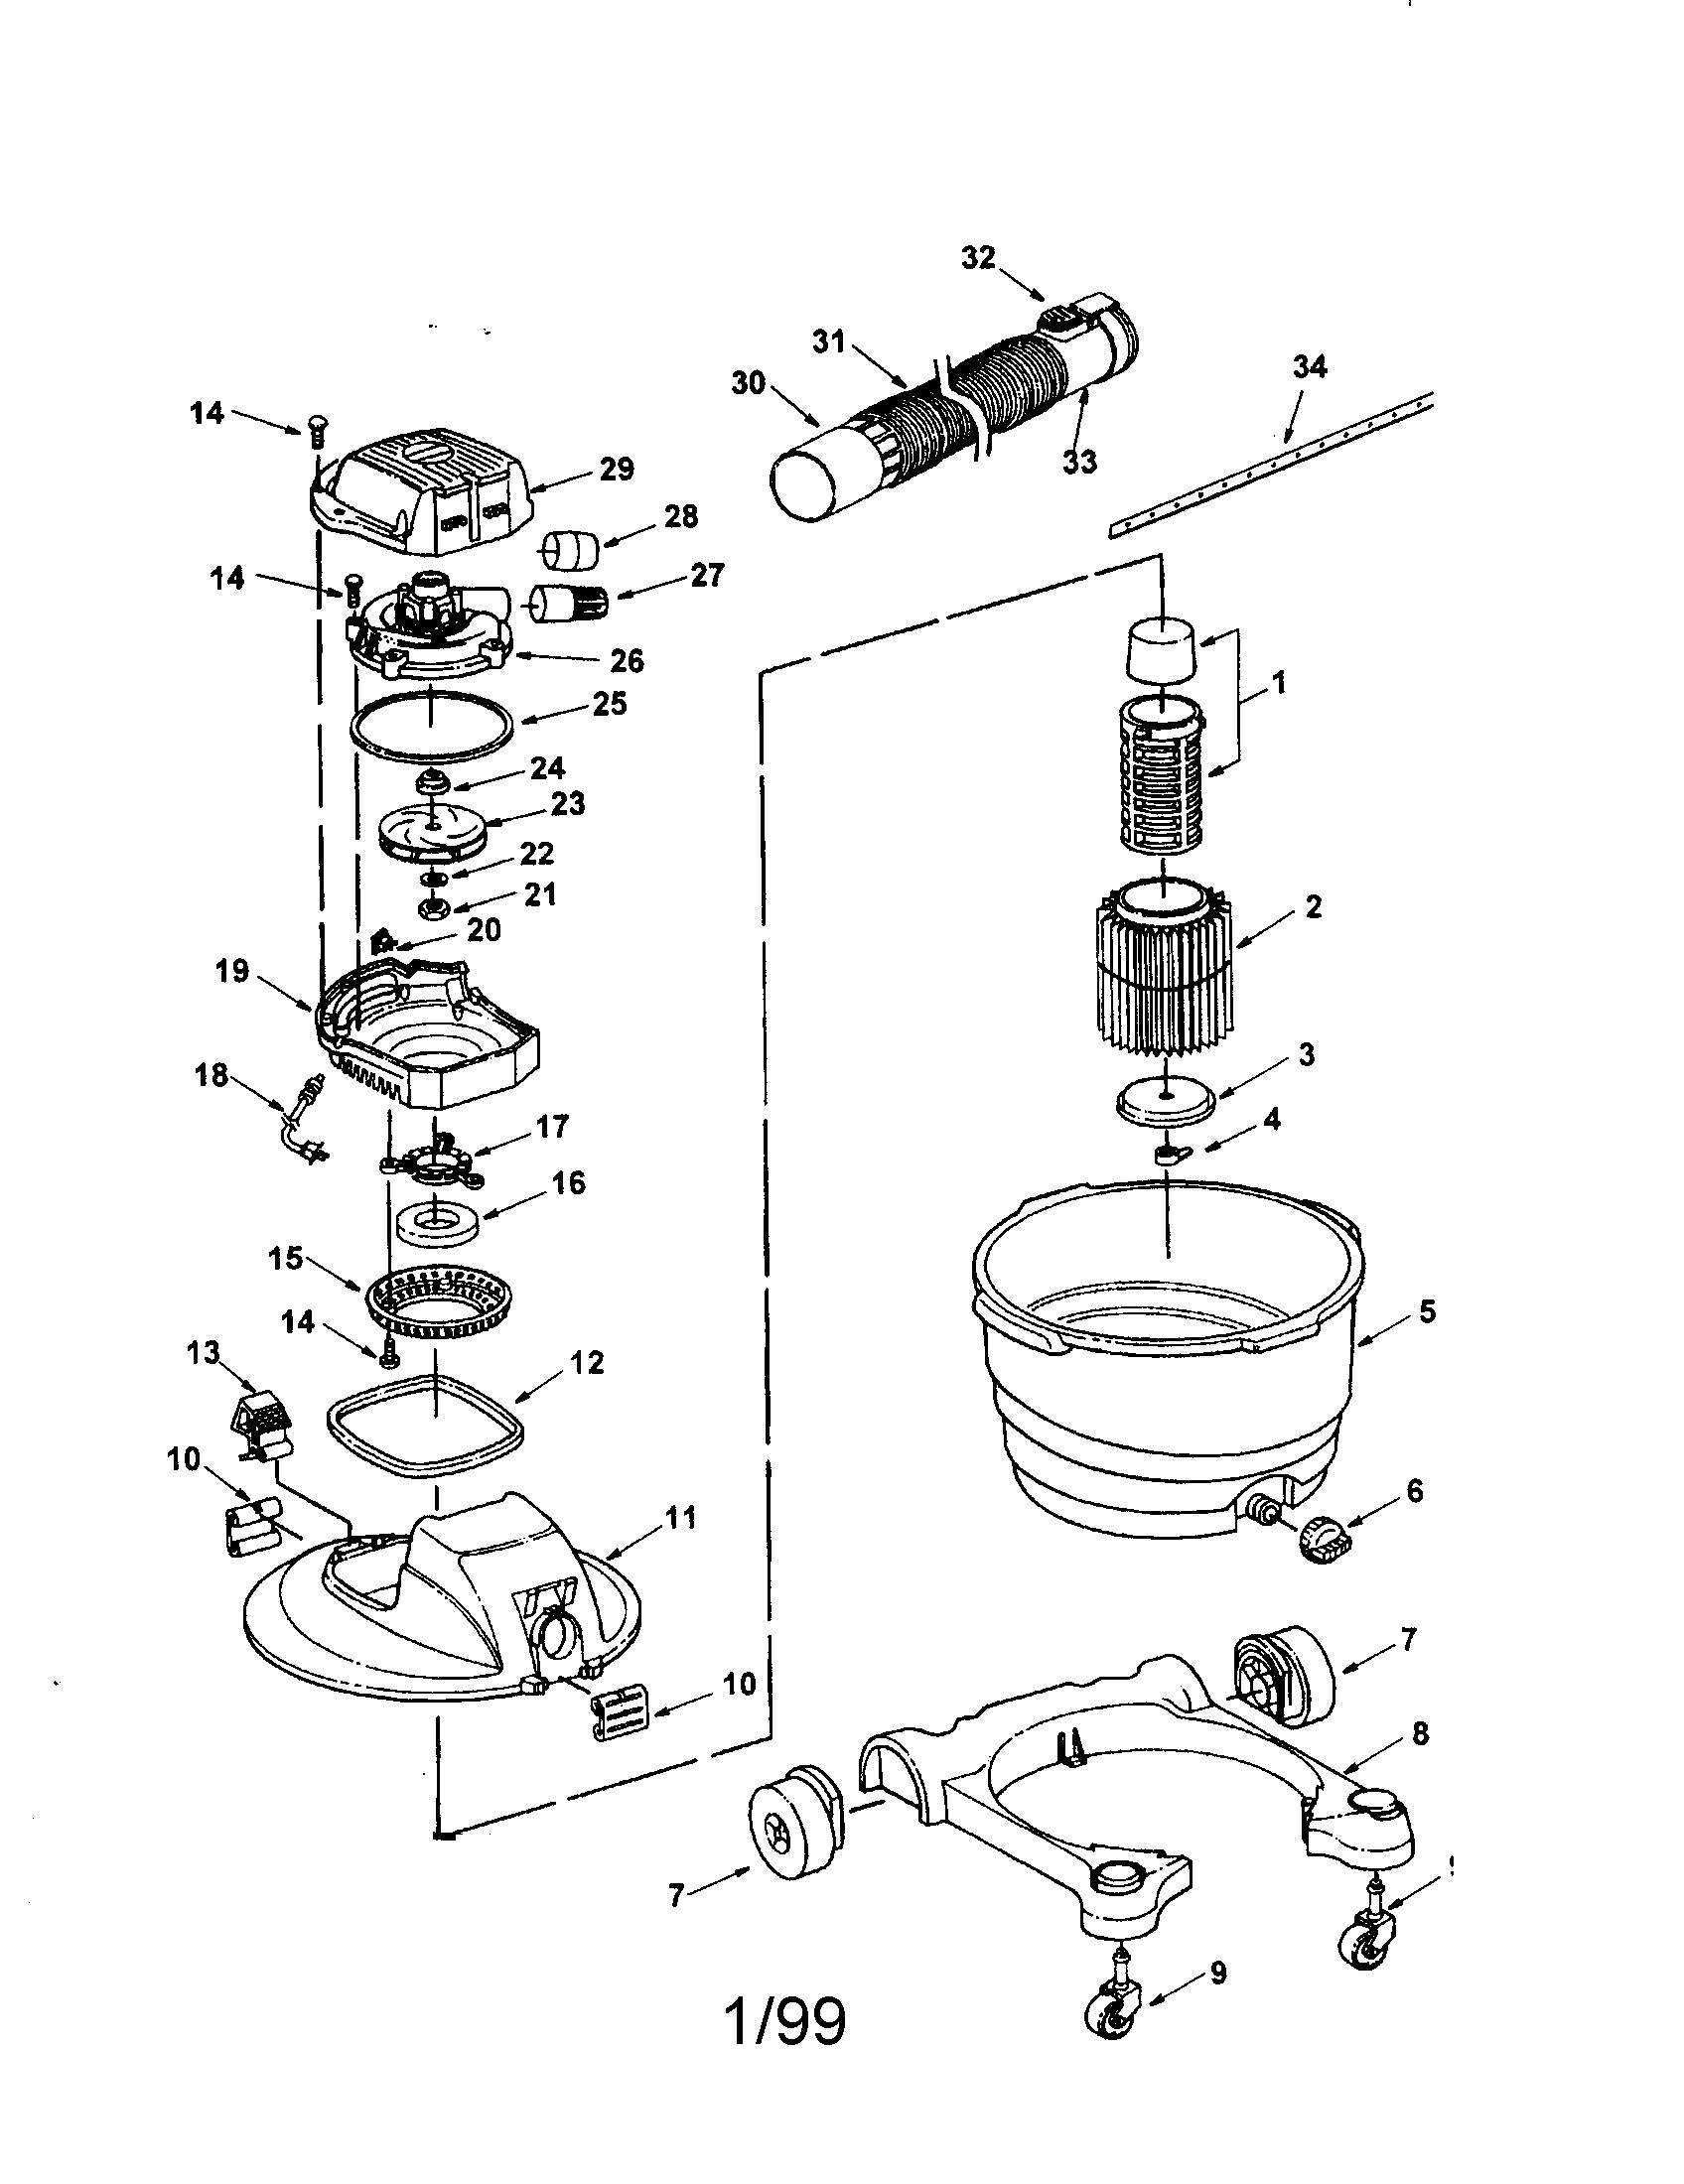 Craftsman model 113177260 wet/dry vacuum genuine parts